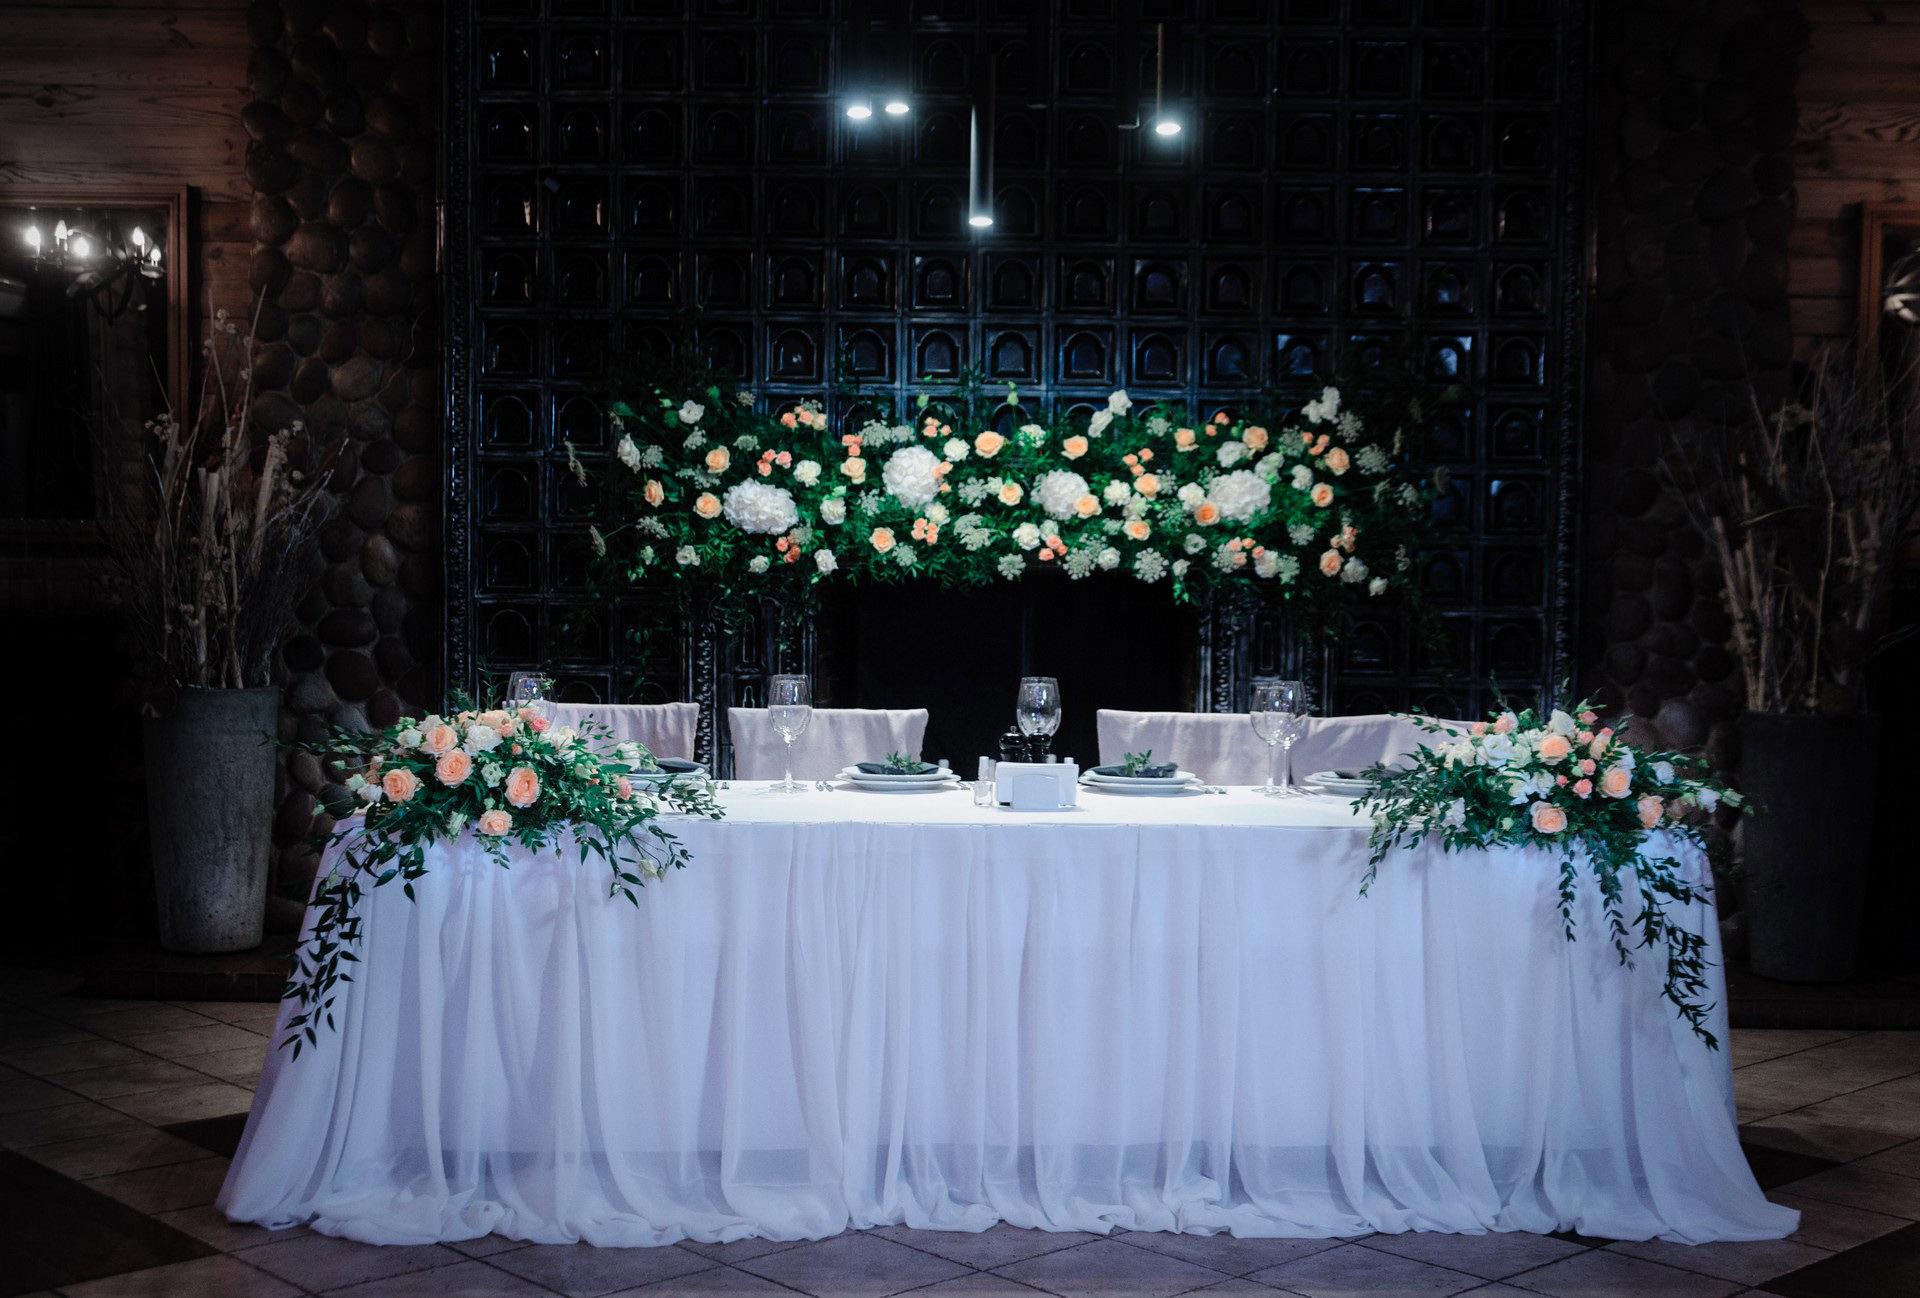 Президиум молодожен украшенный живыми цветами на столе и цветочным карнизом позади